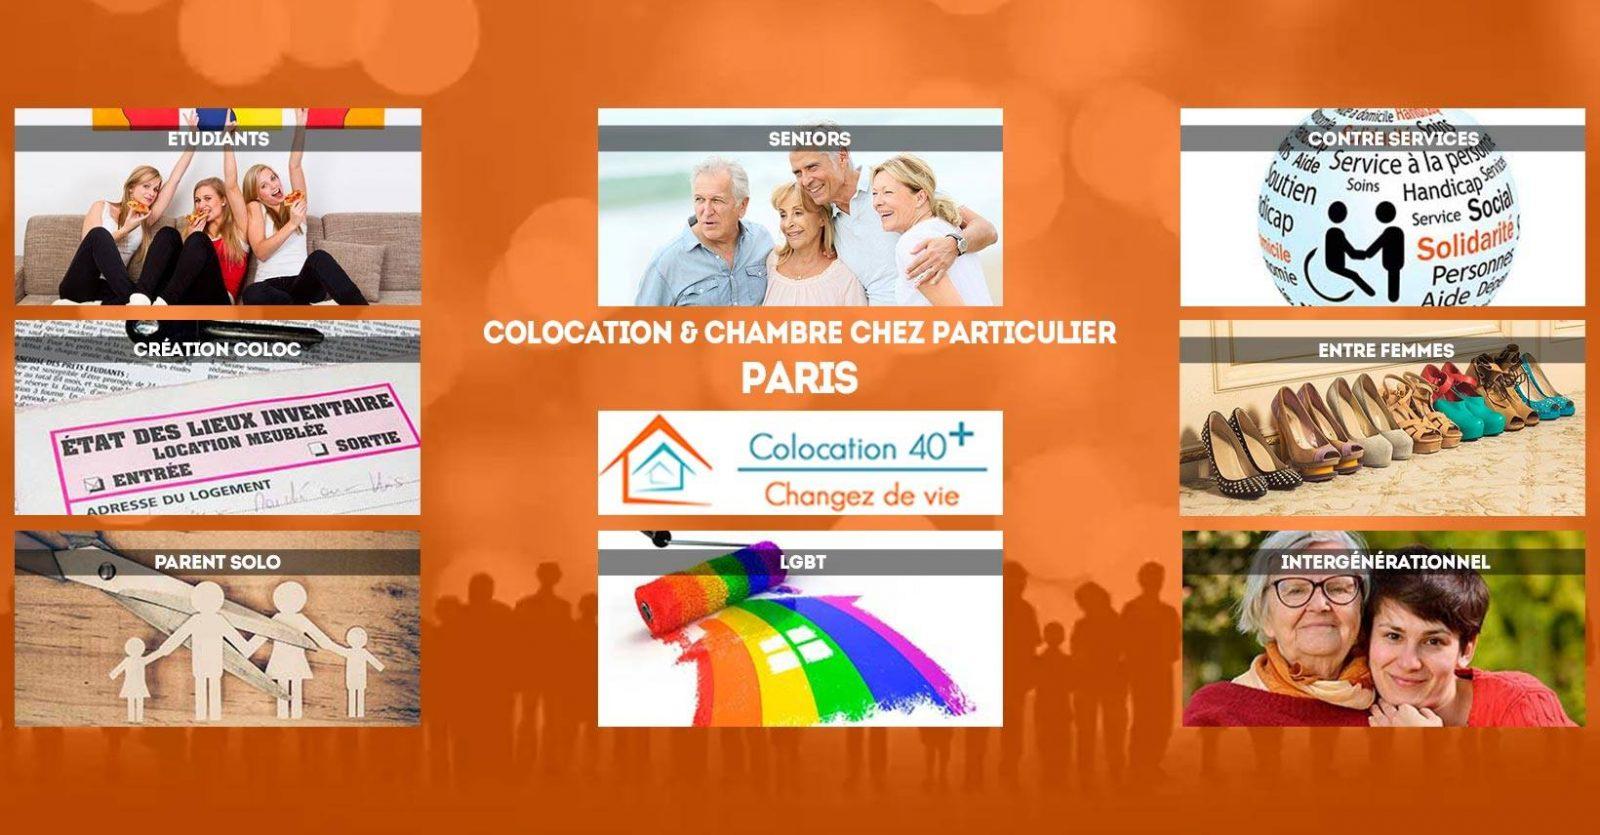 Colocation entre filles paris - Colocations à Paris - Mitula Immobilier